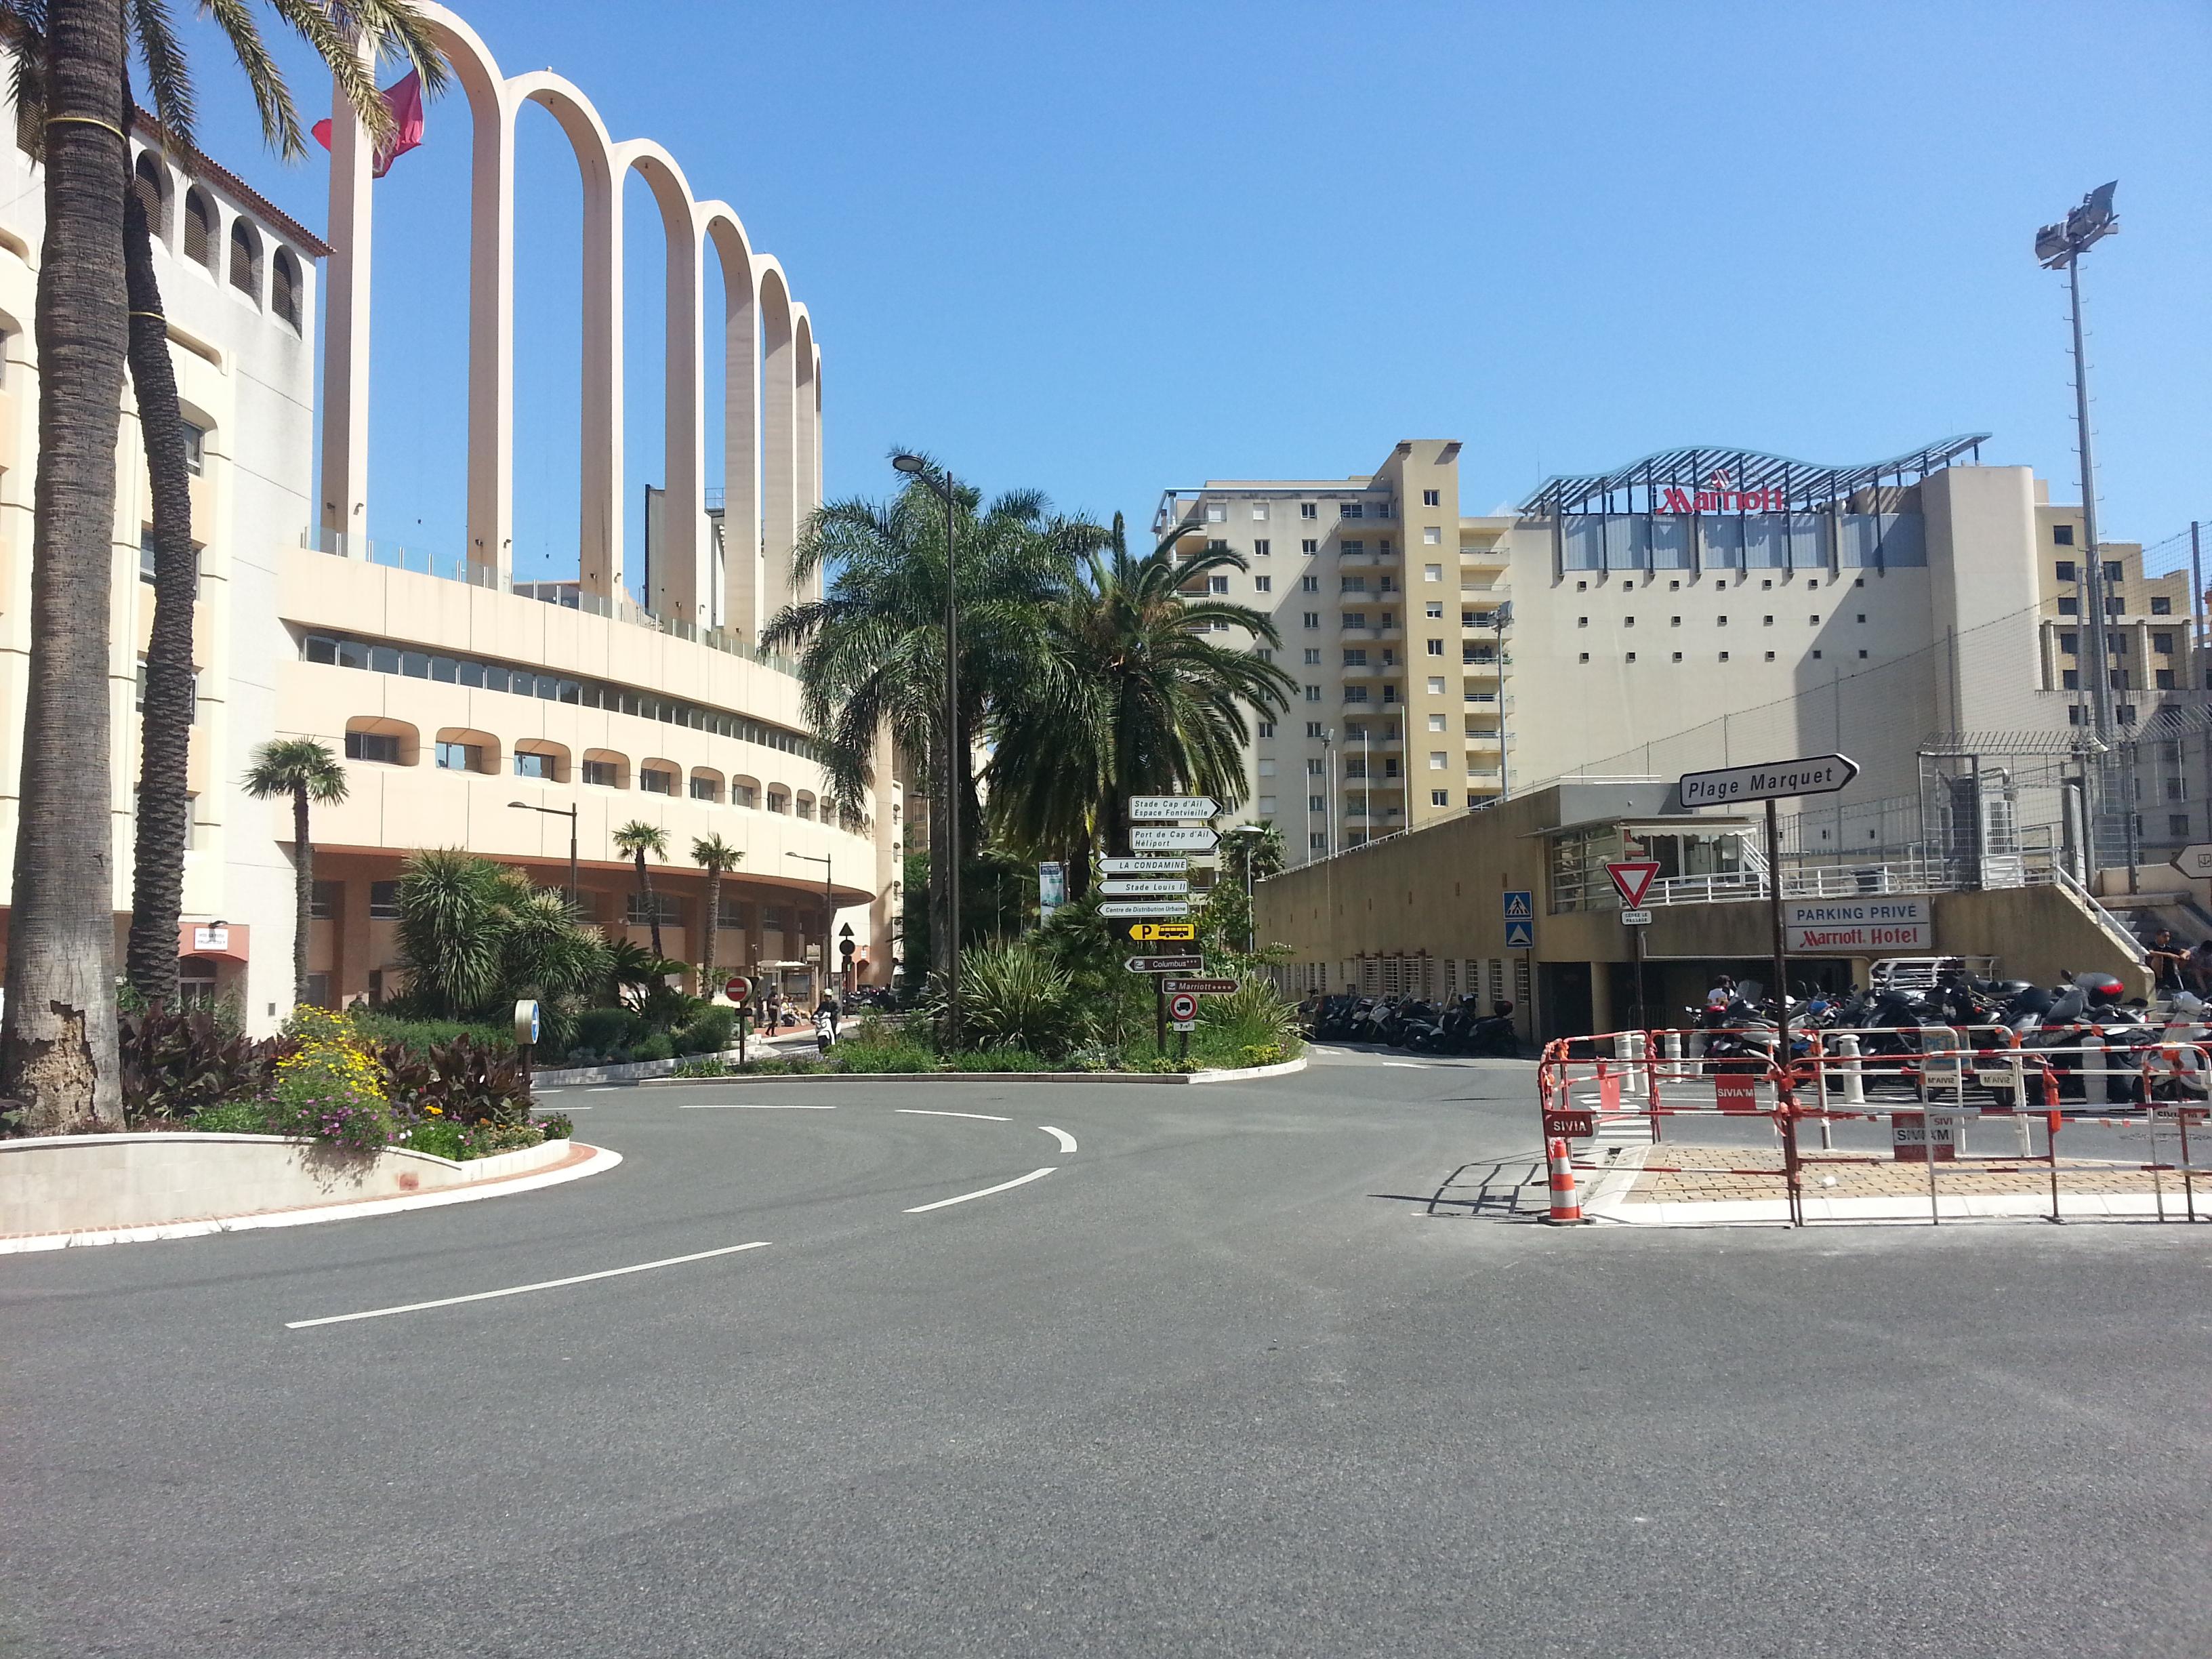 Die palmbome merk die grens tussen Monaco and Frankryk